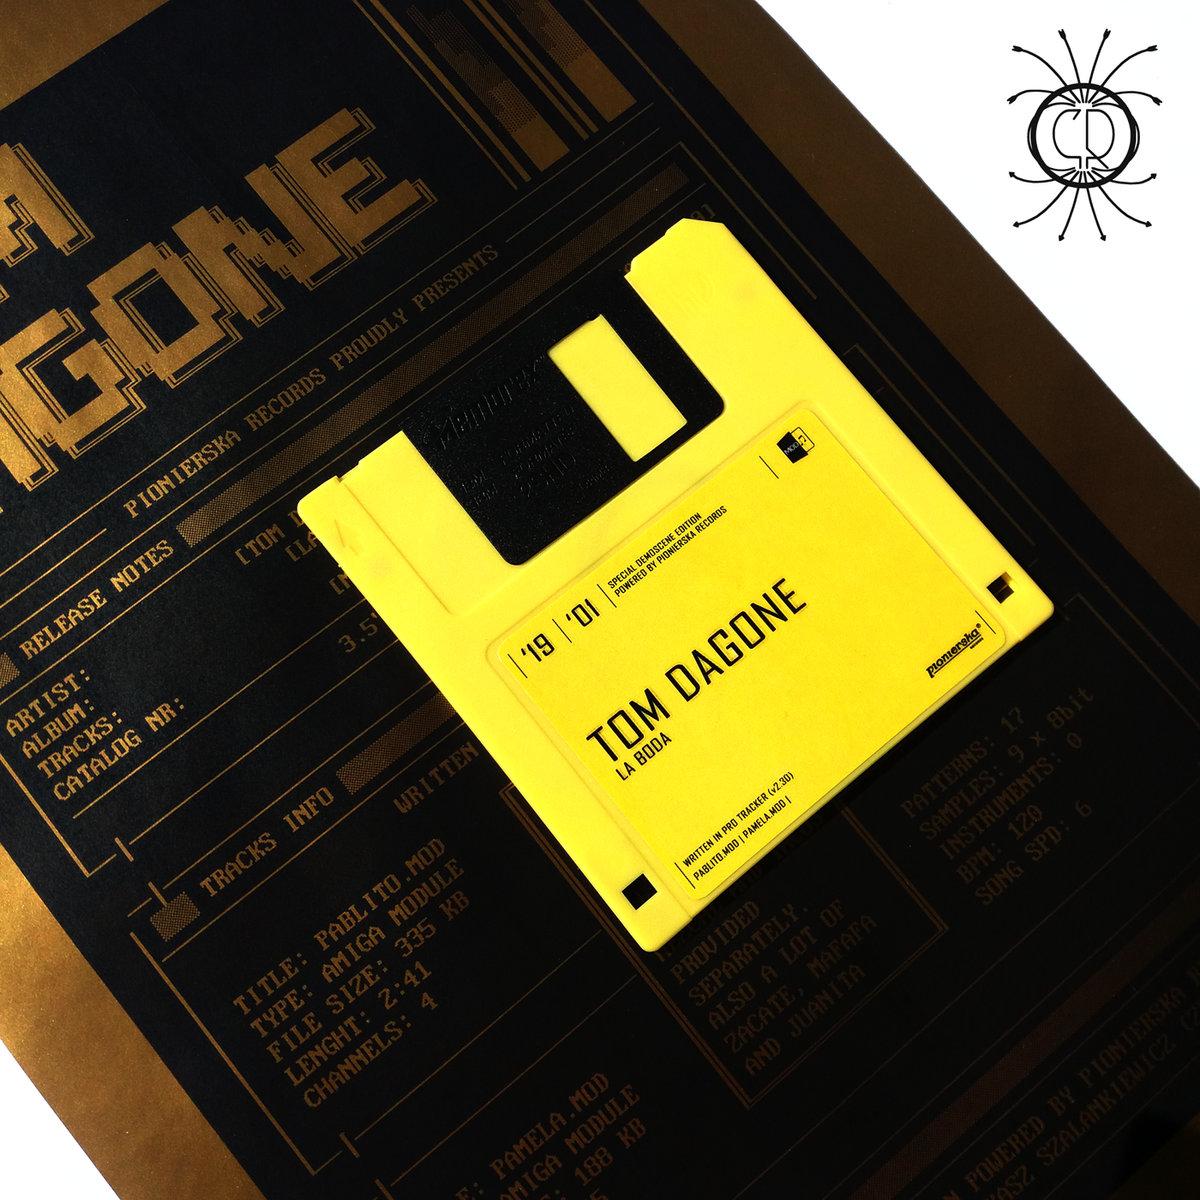 La Boda | Pionierska Records